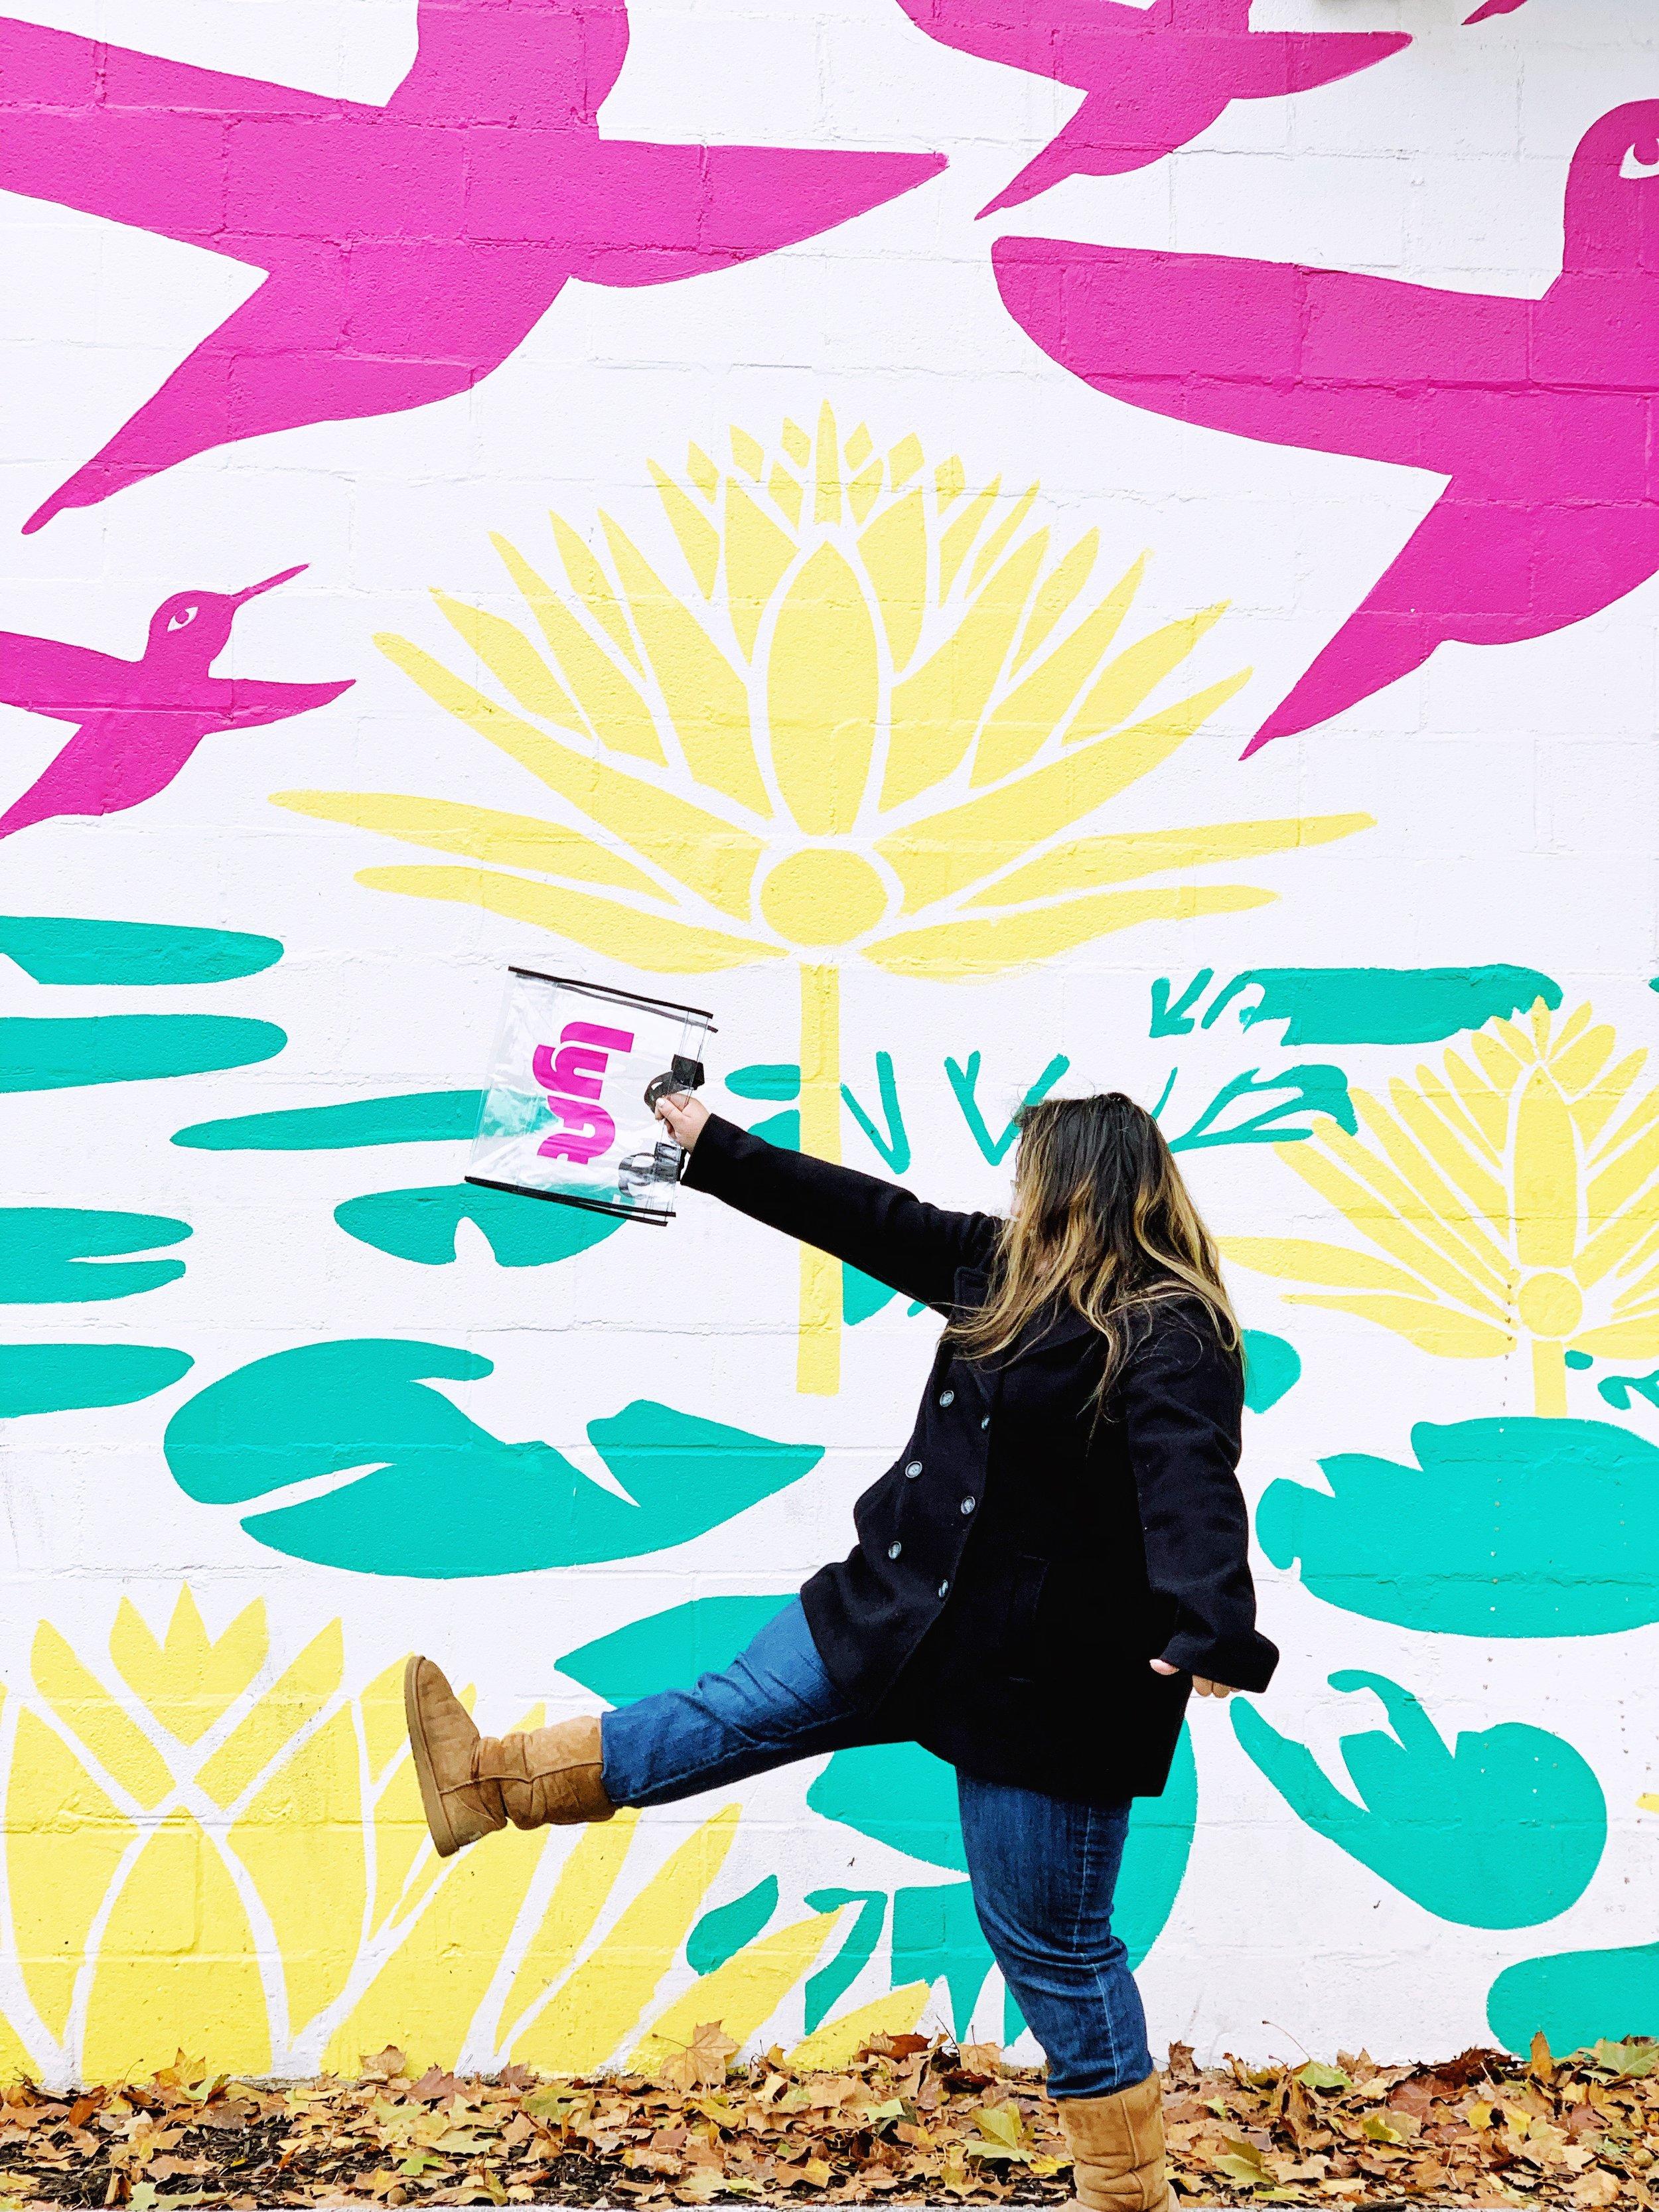 Mural in HemisFair Park